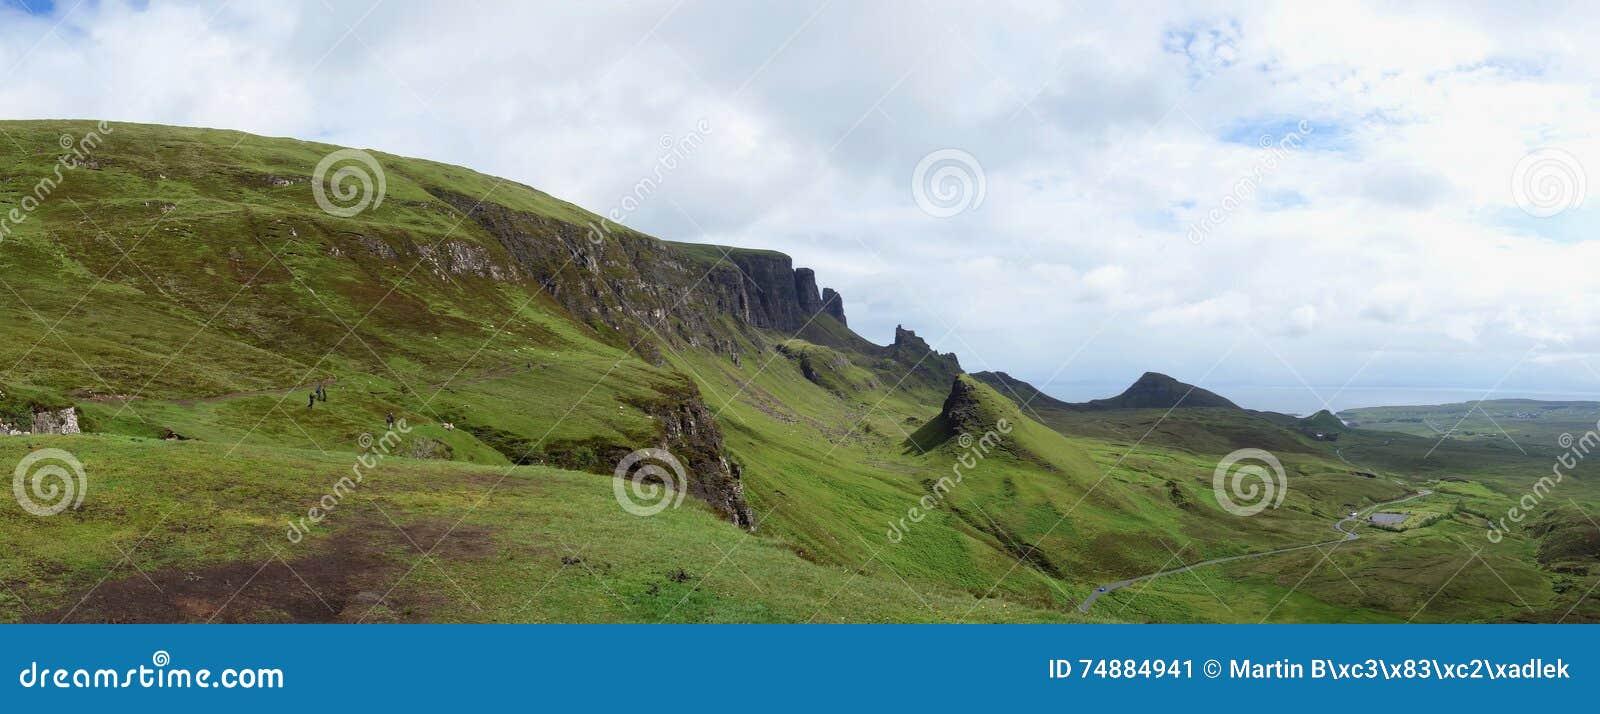 Quiraing na ilha de Skye em Escócia